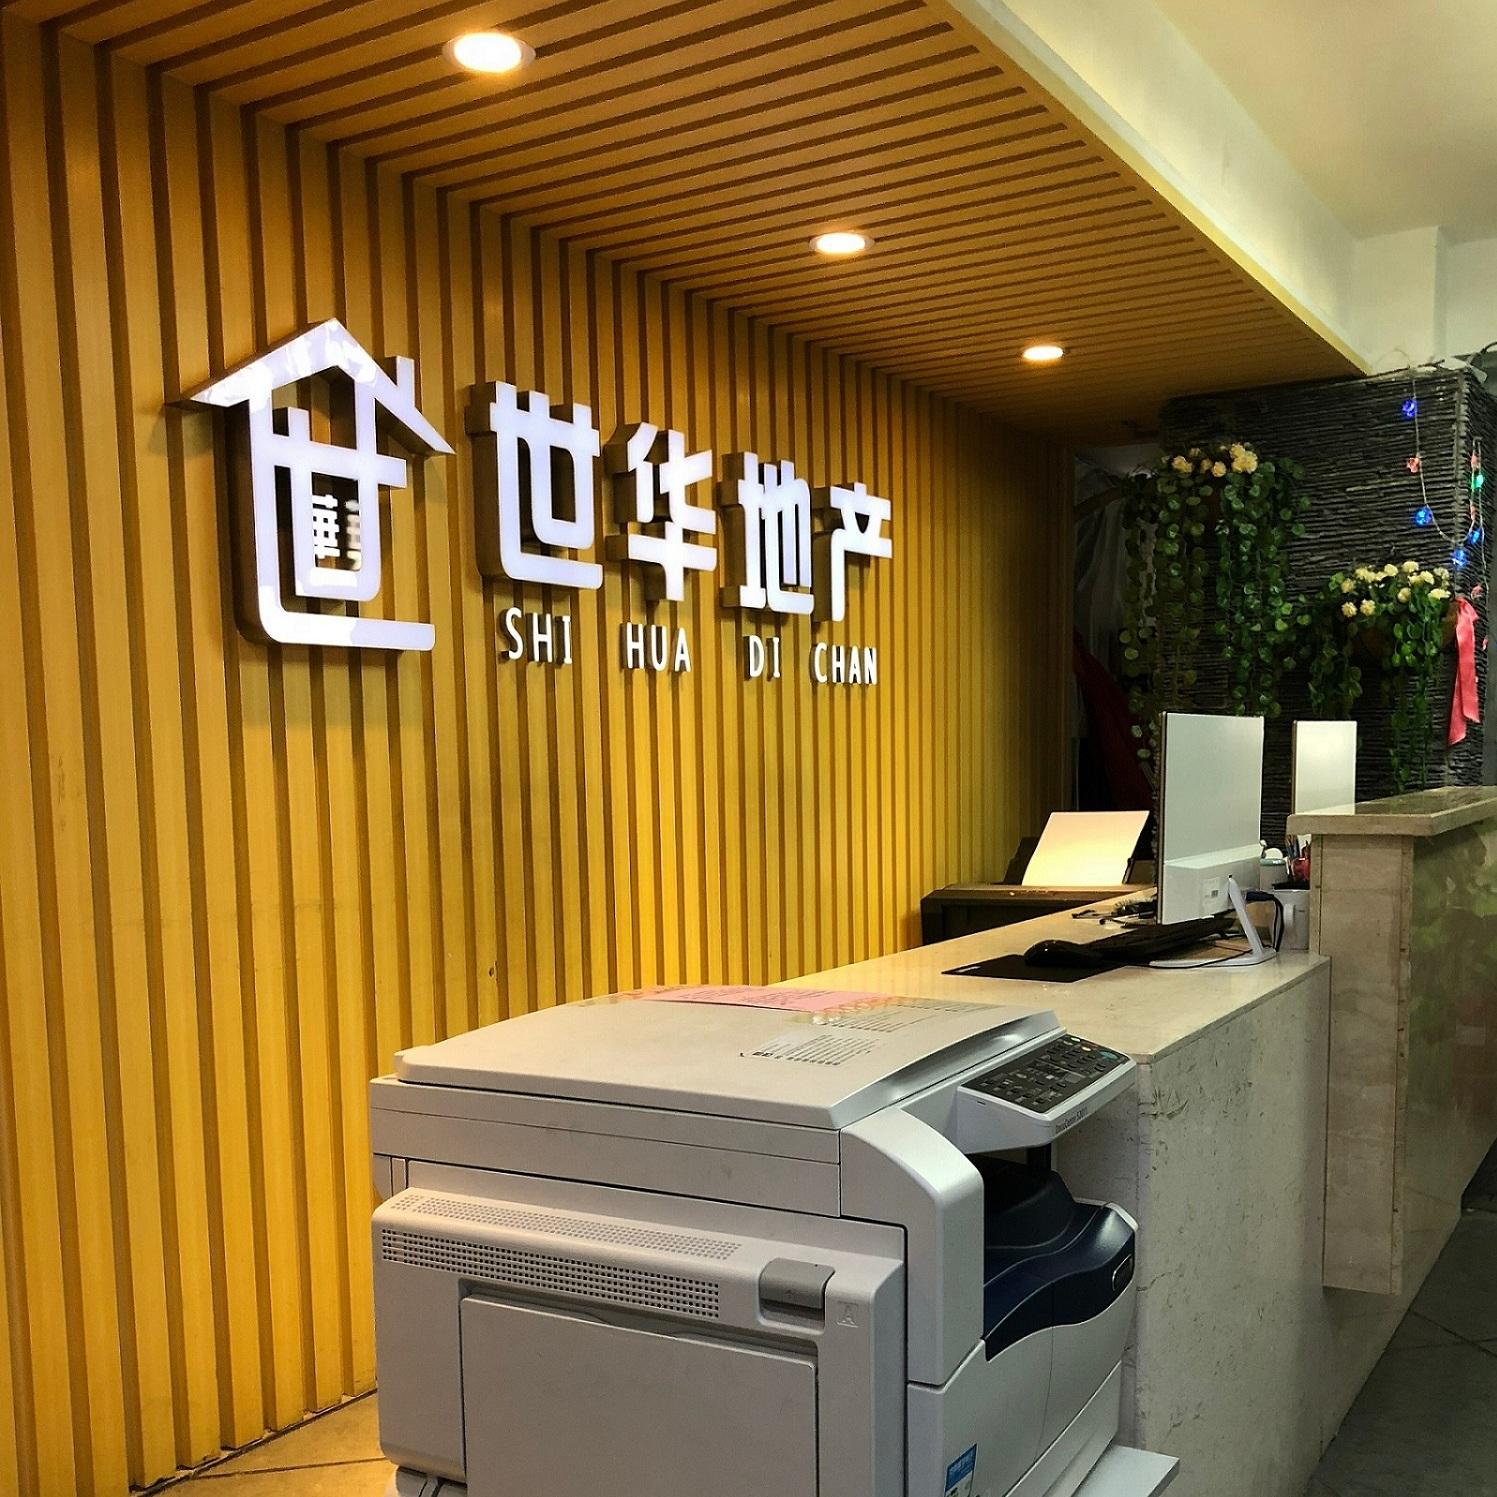 【世華地產】柳州市世華房地產中介有限公司招聘:公司標志 logo